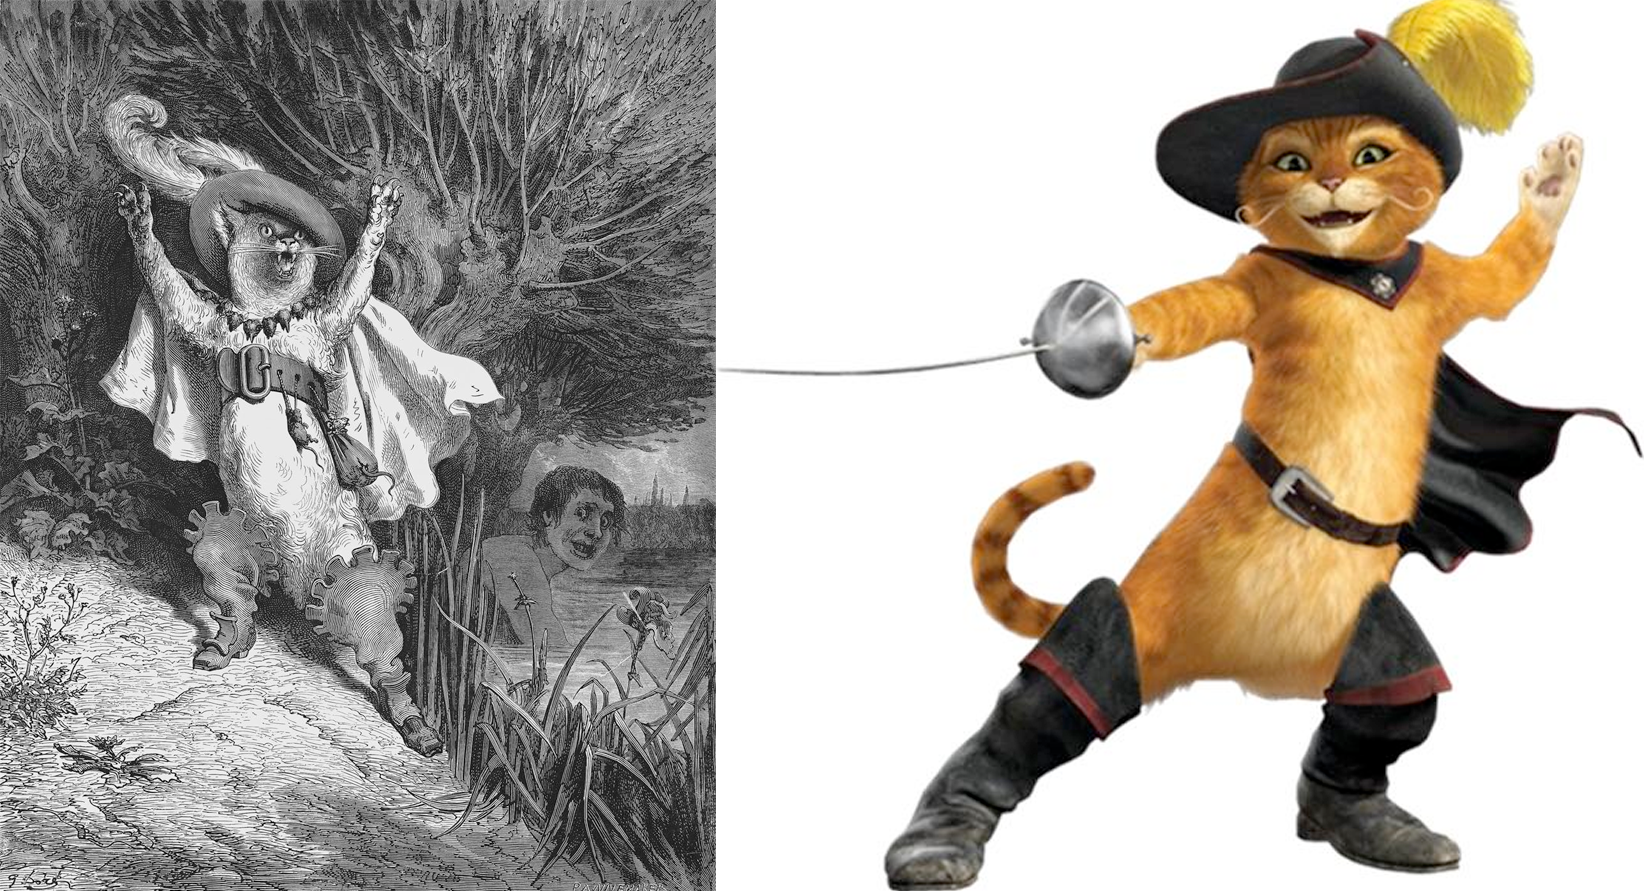 Gustave dor une source d 39 inspiration graphique - Dessin chat botte ...